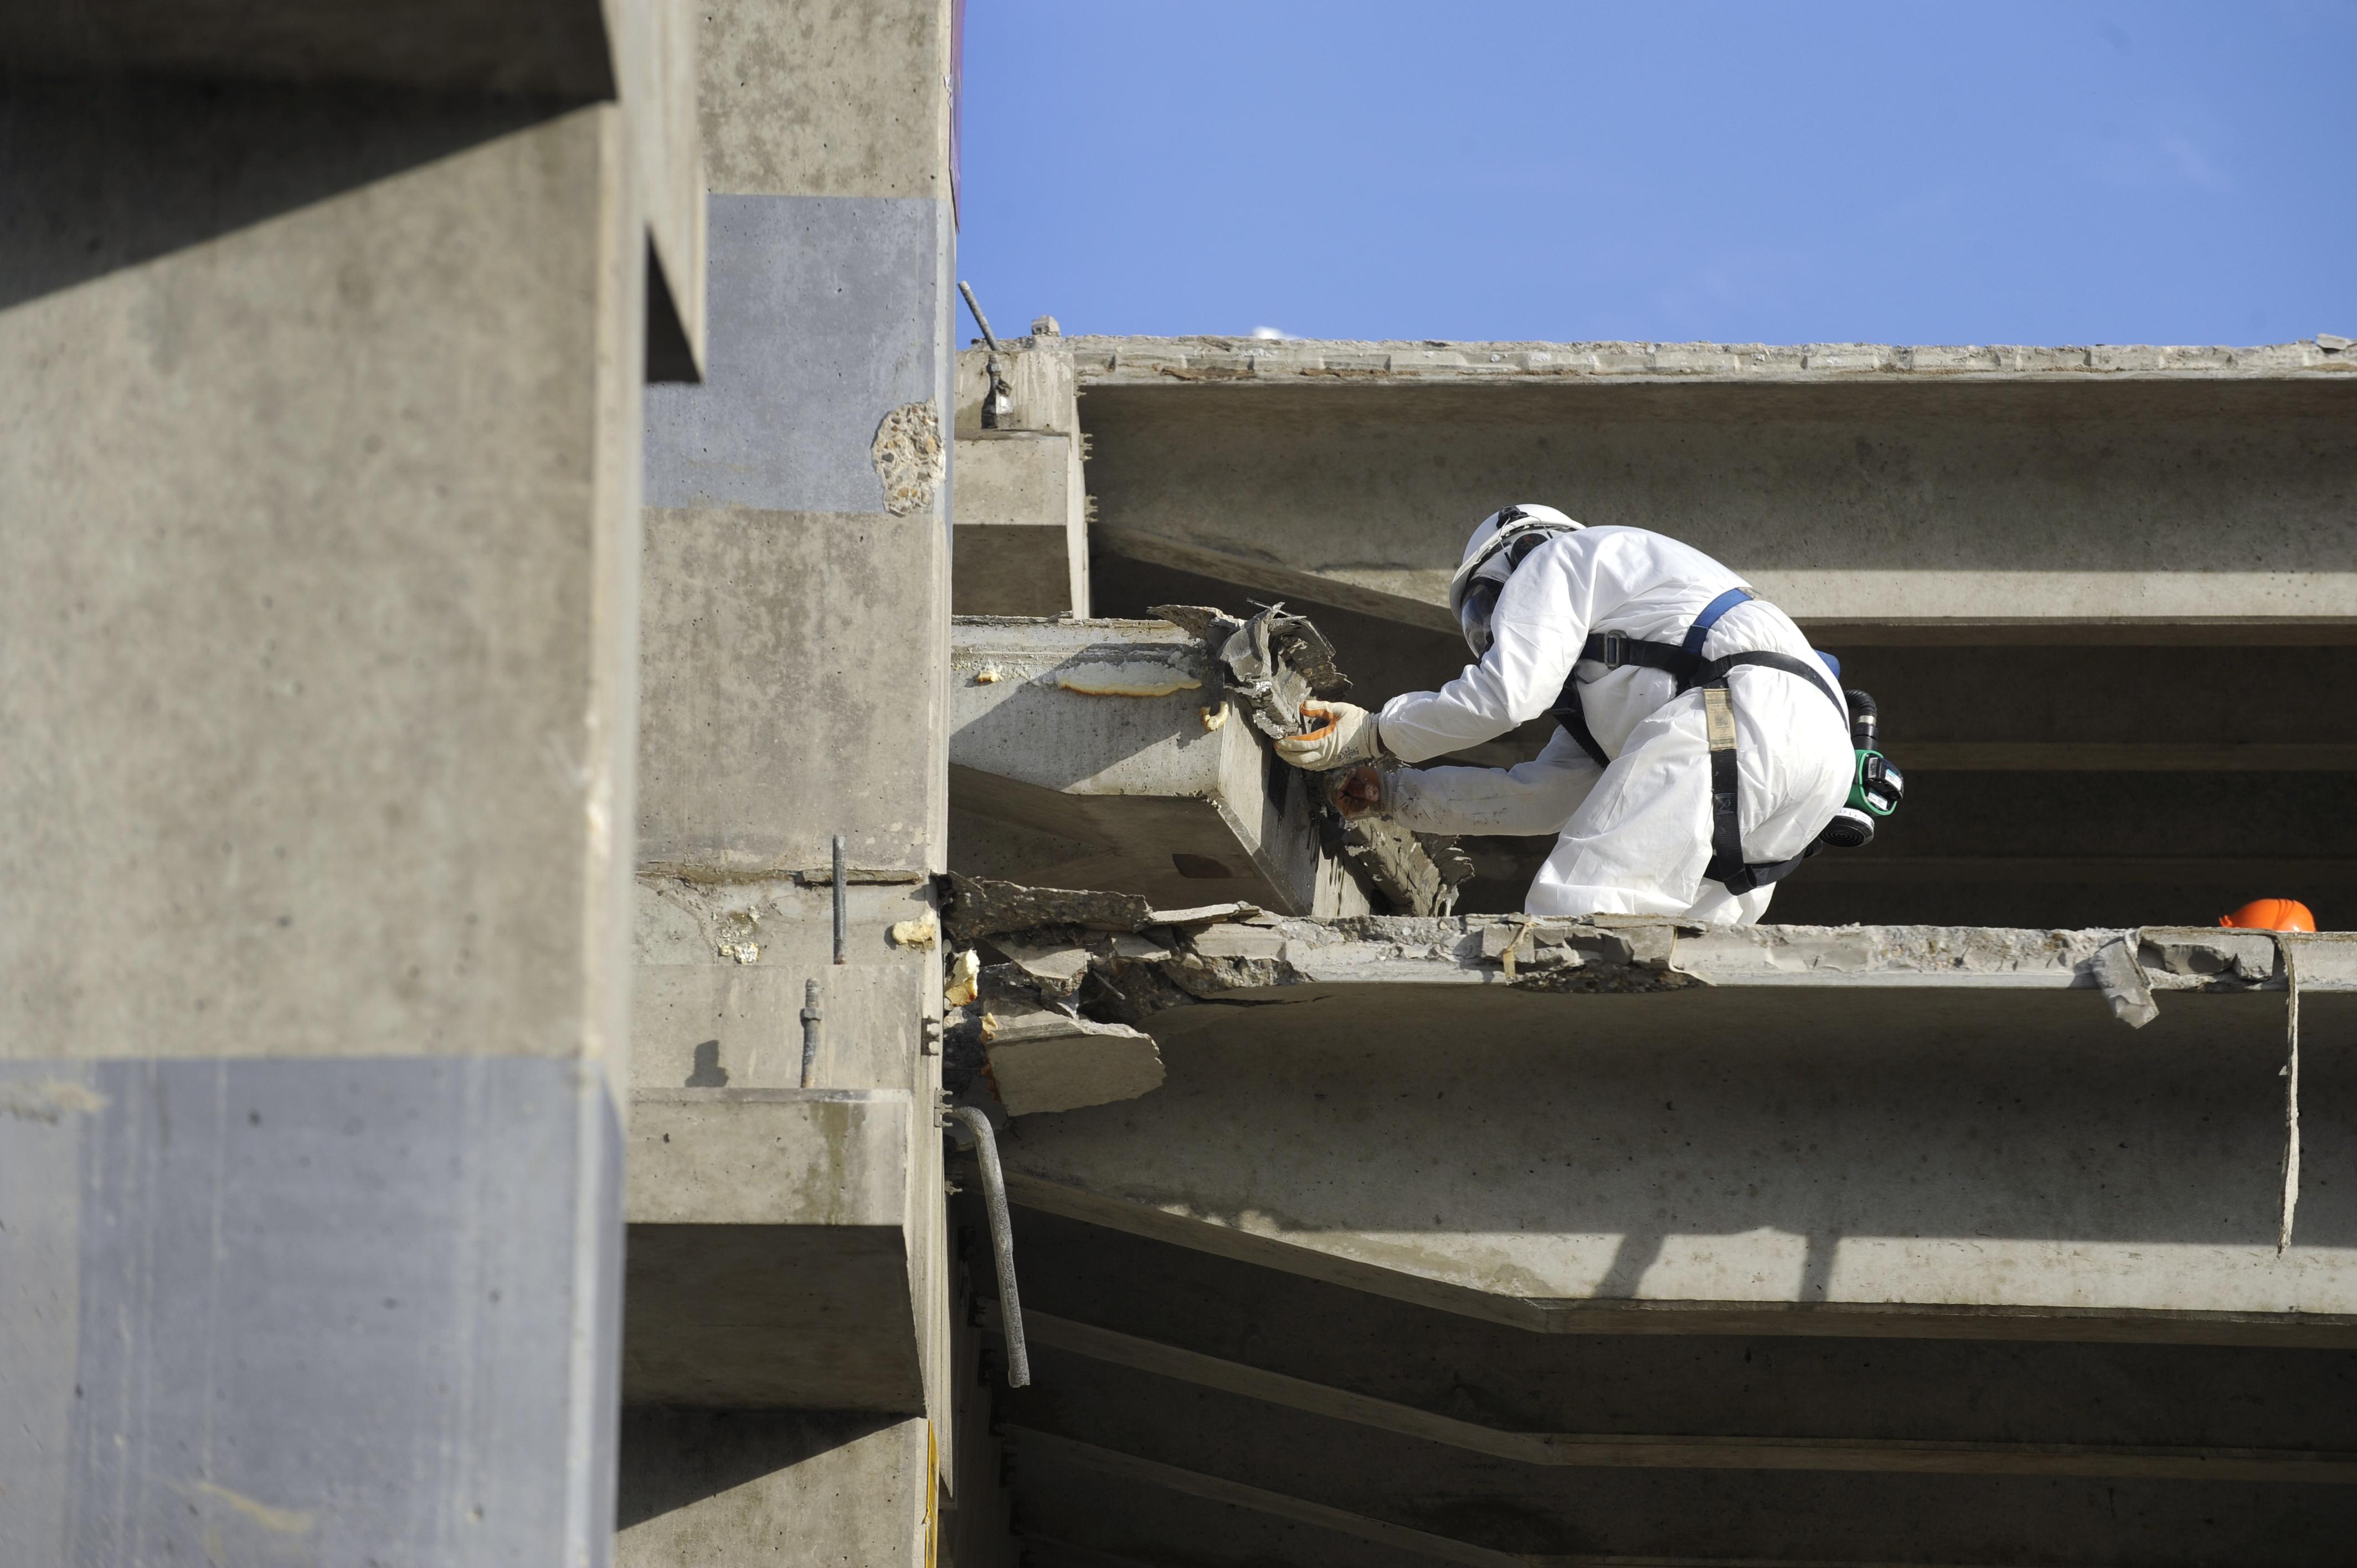 <p>Een asbestsaneerder verwijdert zorgvuldig de asbesthoudende stelplaten die gebruikt zijn bij de uitbreiding van de parkeergarage in 1982.</p>